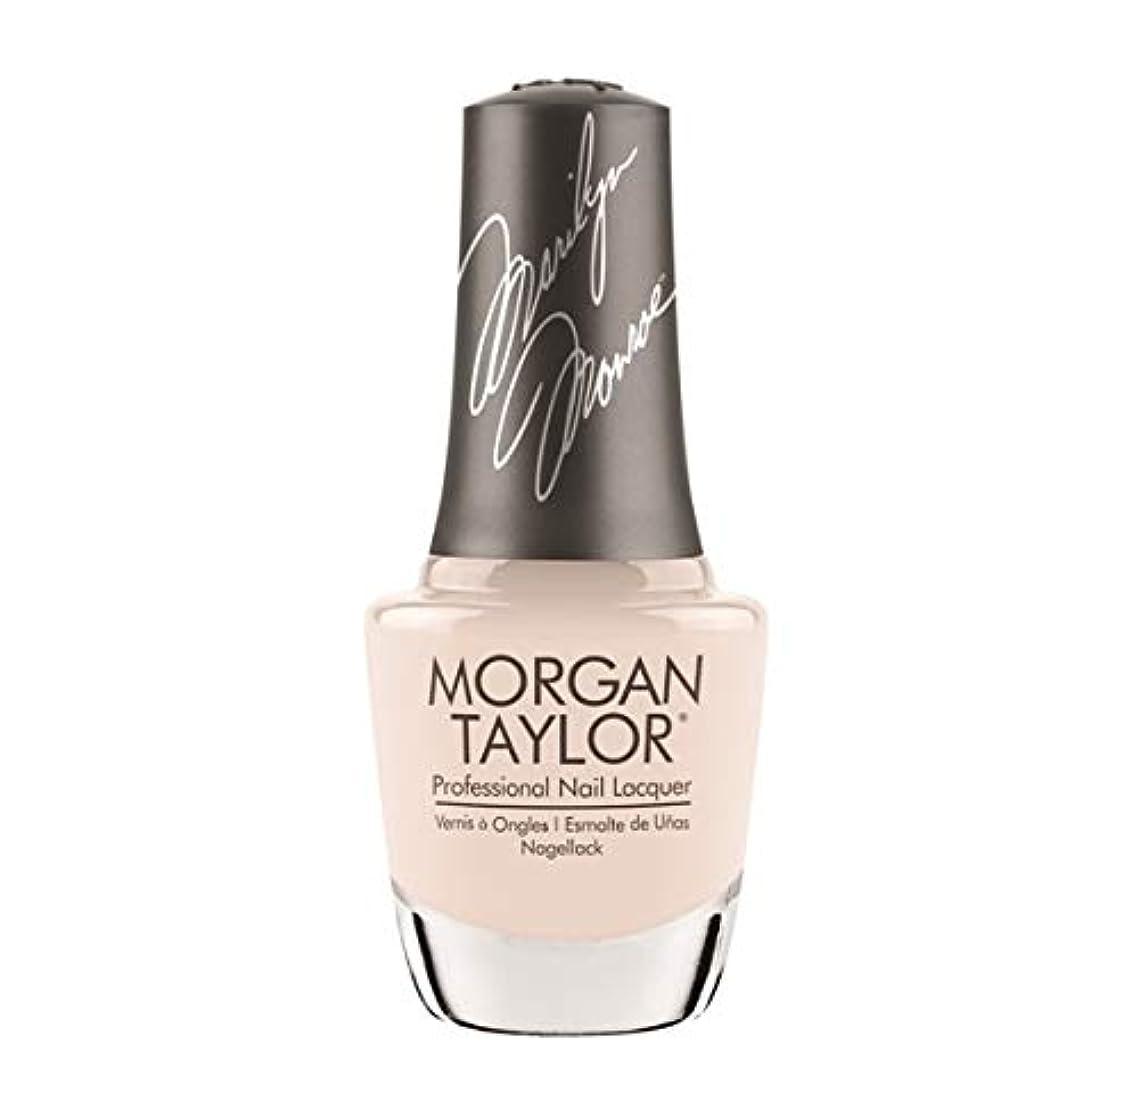 ラウンジ近々息子Morgan Taylor Nail Lacquer - Forever Marilyn Fall 2019 Collection - All American Beauty - 15ml / 0.5oz